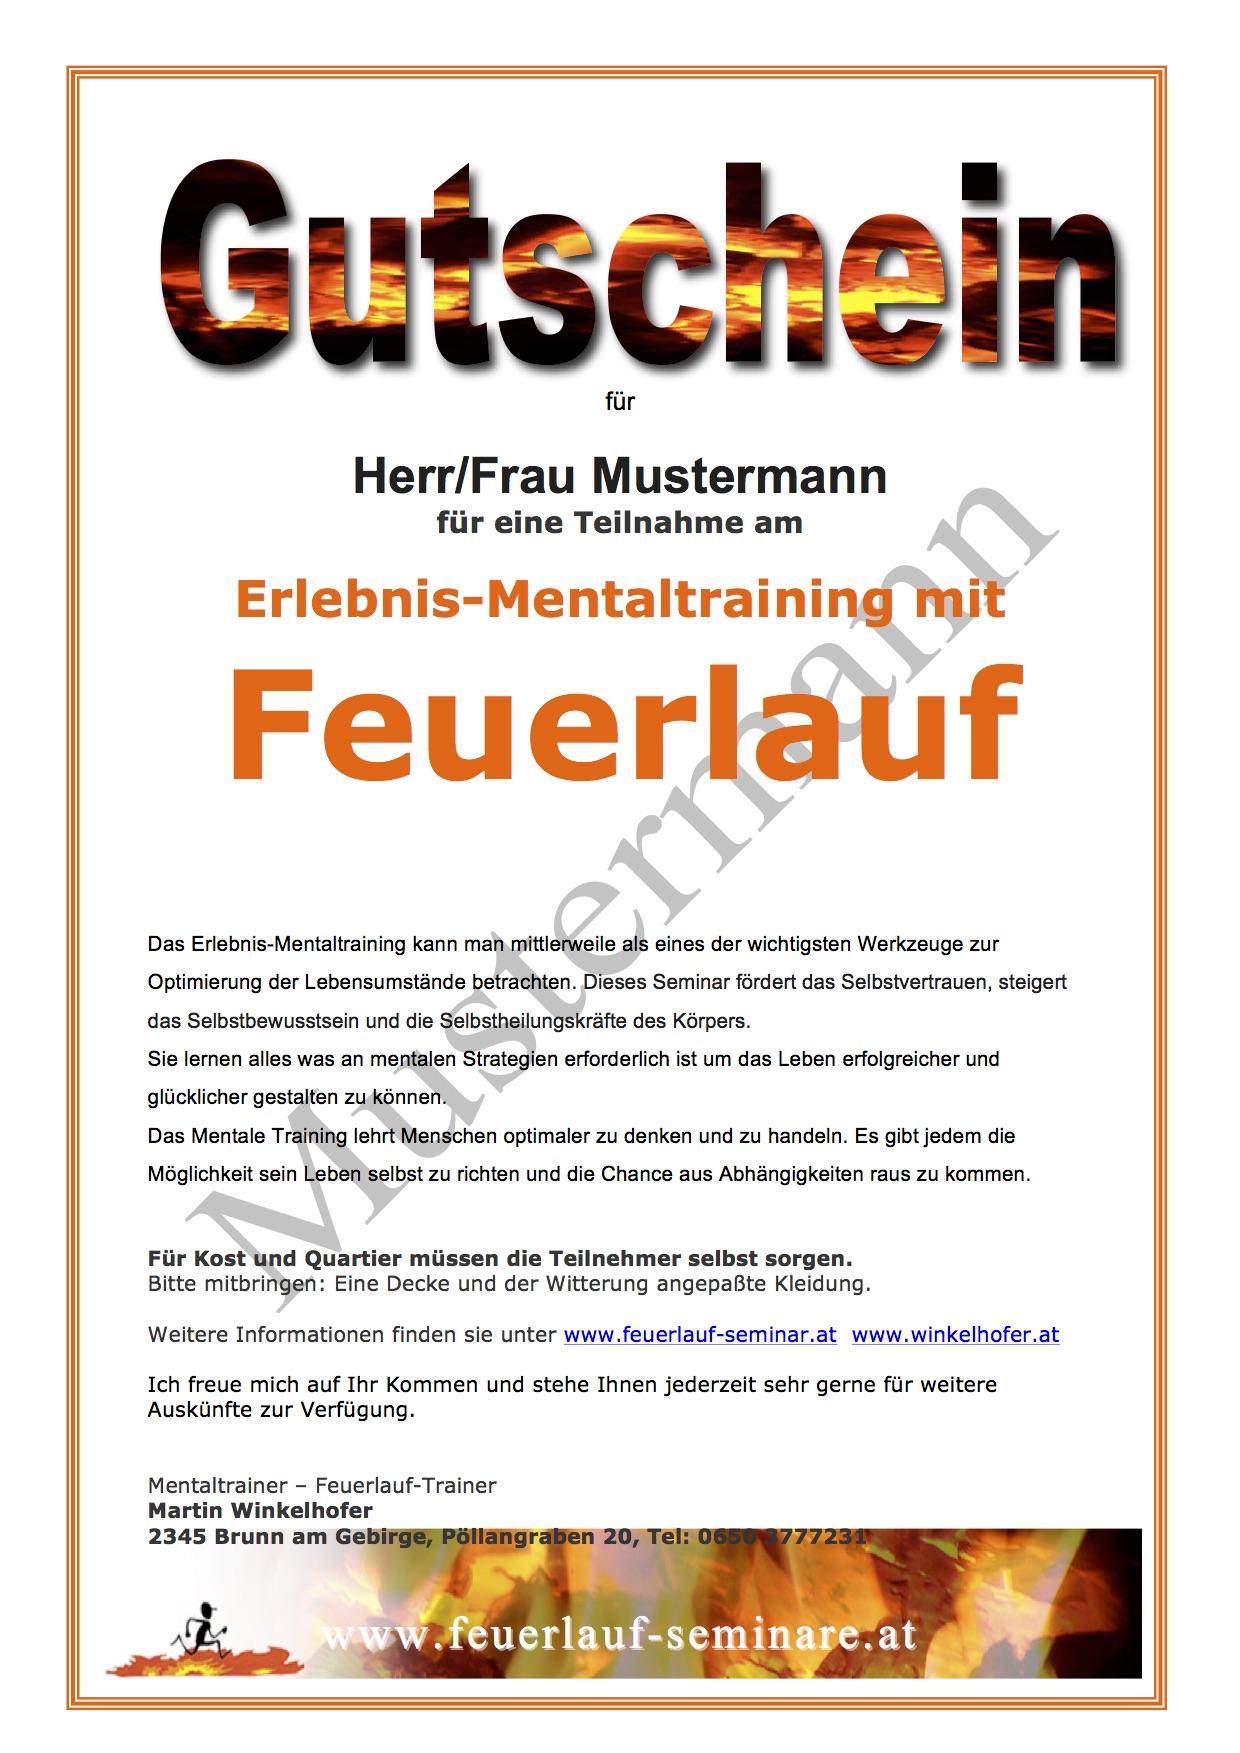 Feuerlauf Gutschein www.feuerlauf-seminar.at